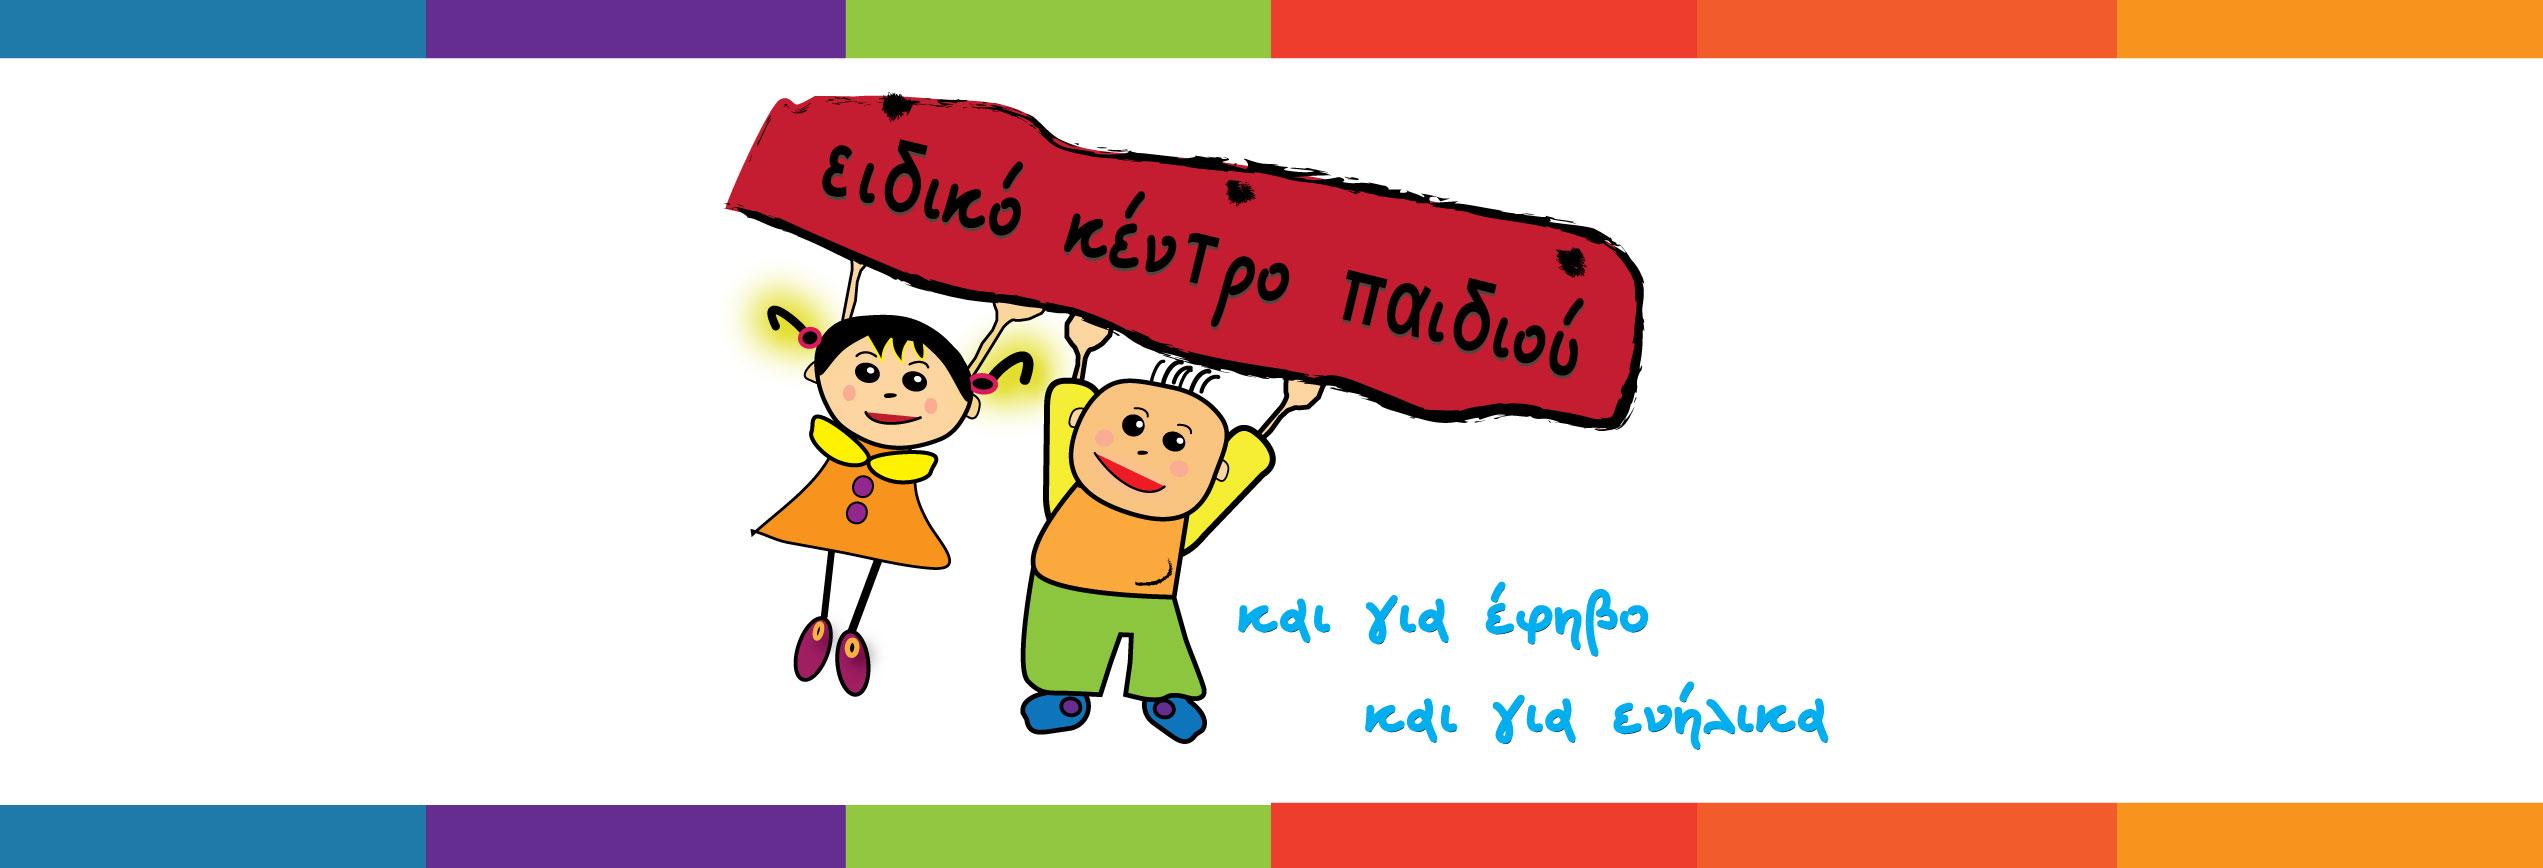 Ειδικό Κέντρο Παιδιού μακέτα